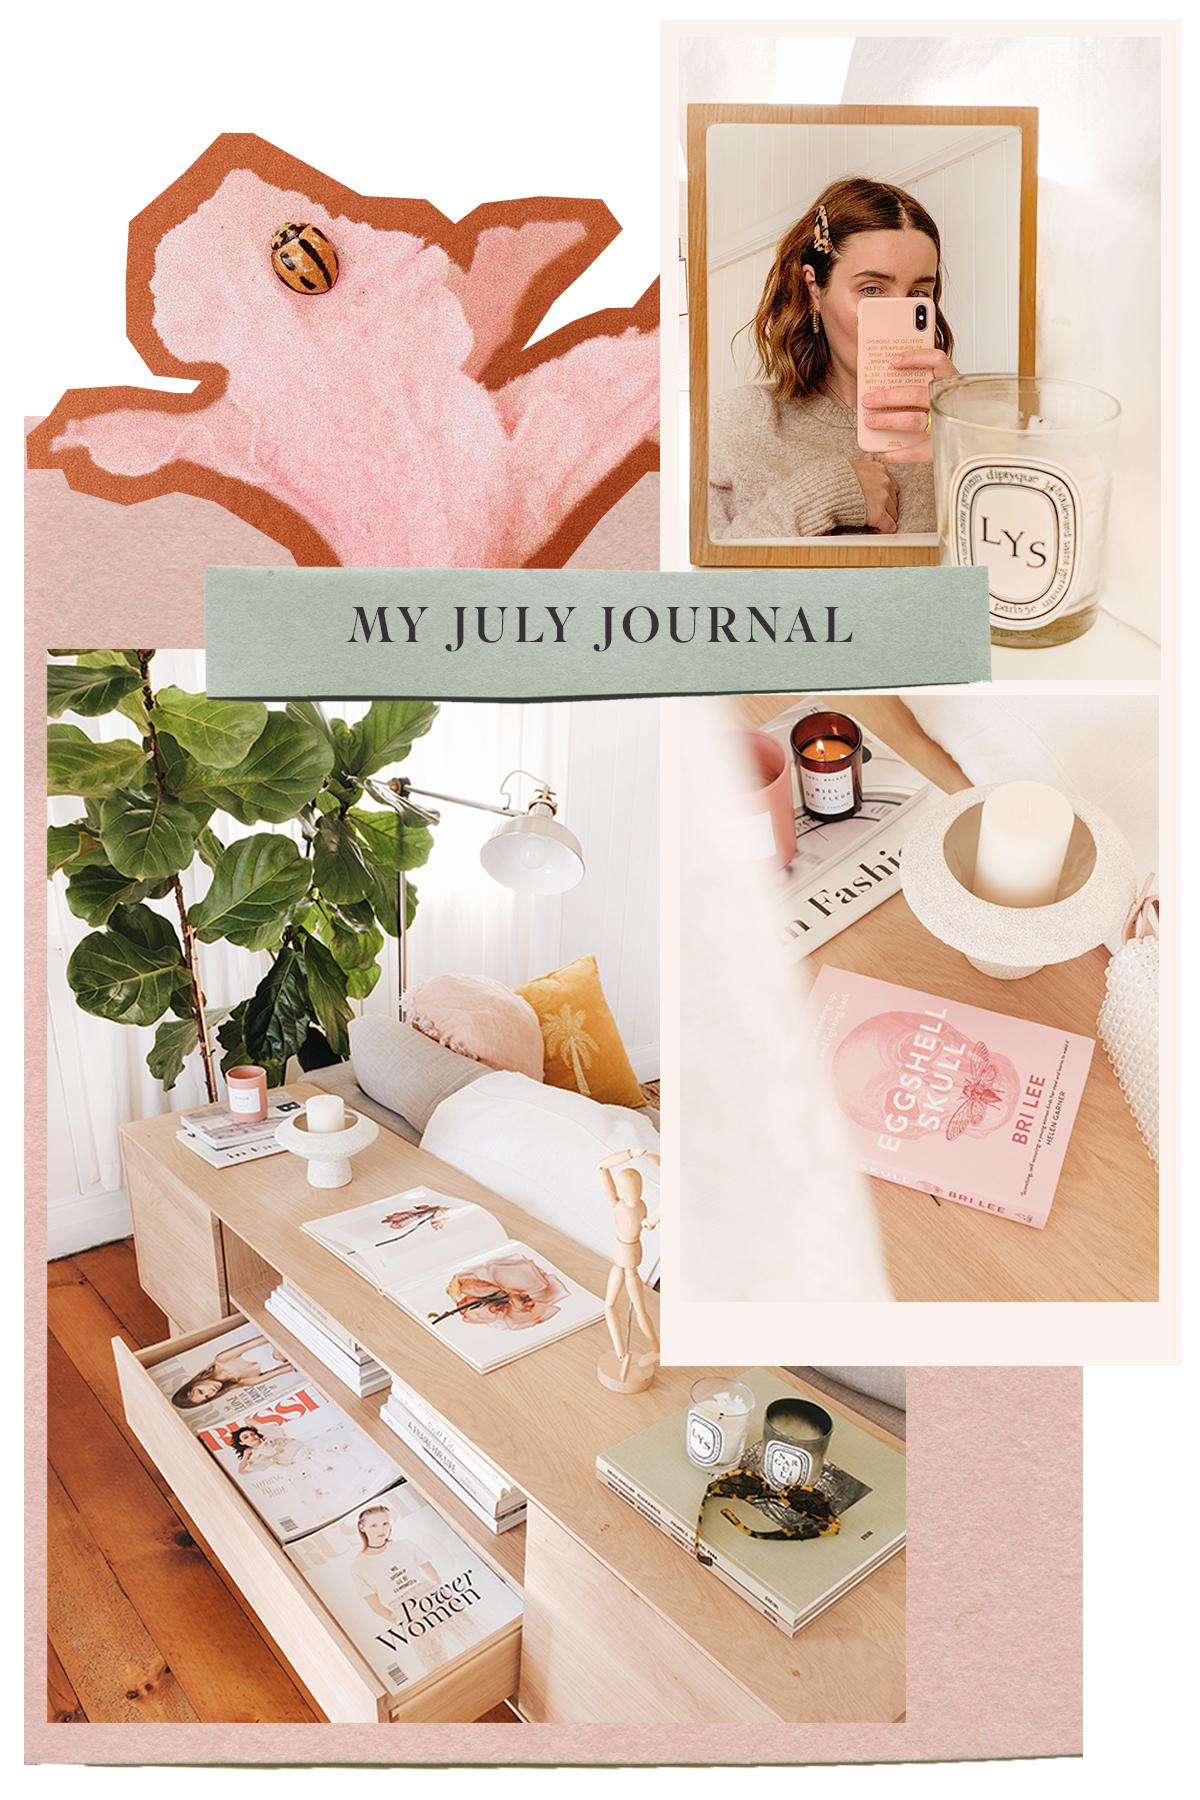 JulyJournal-2.jpg